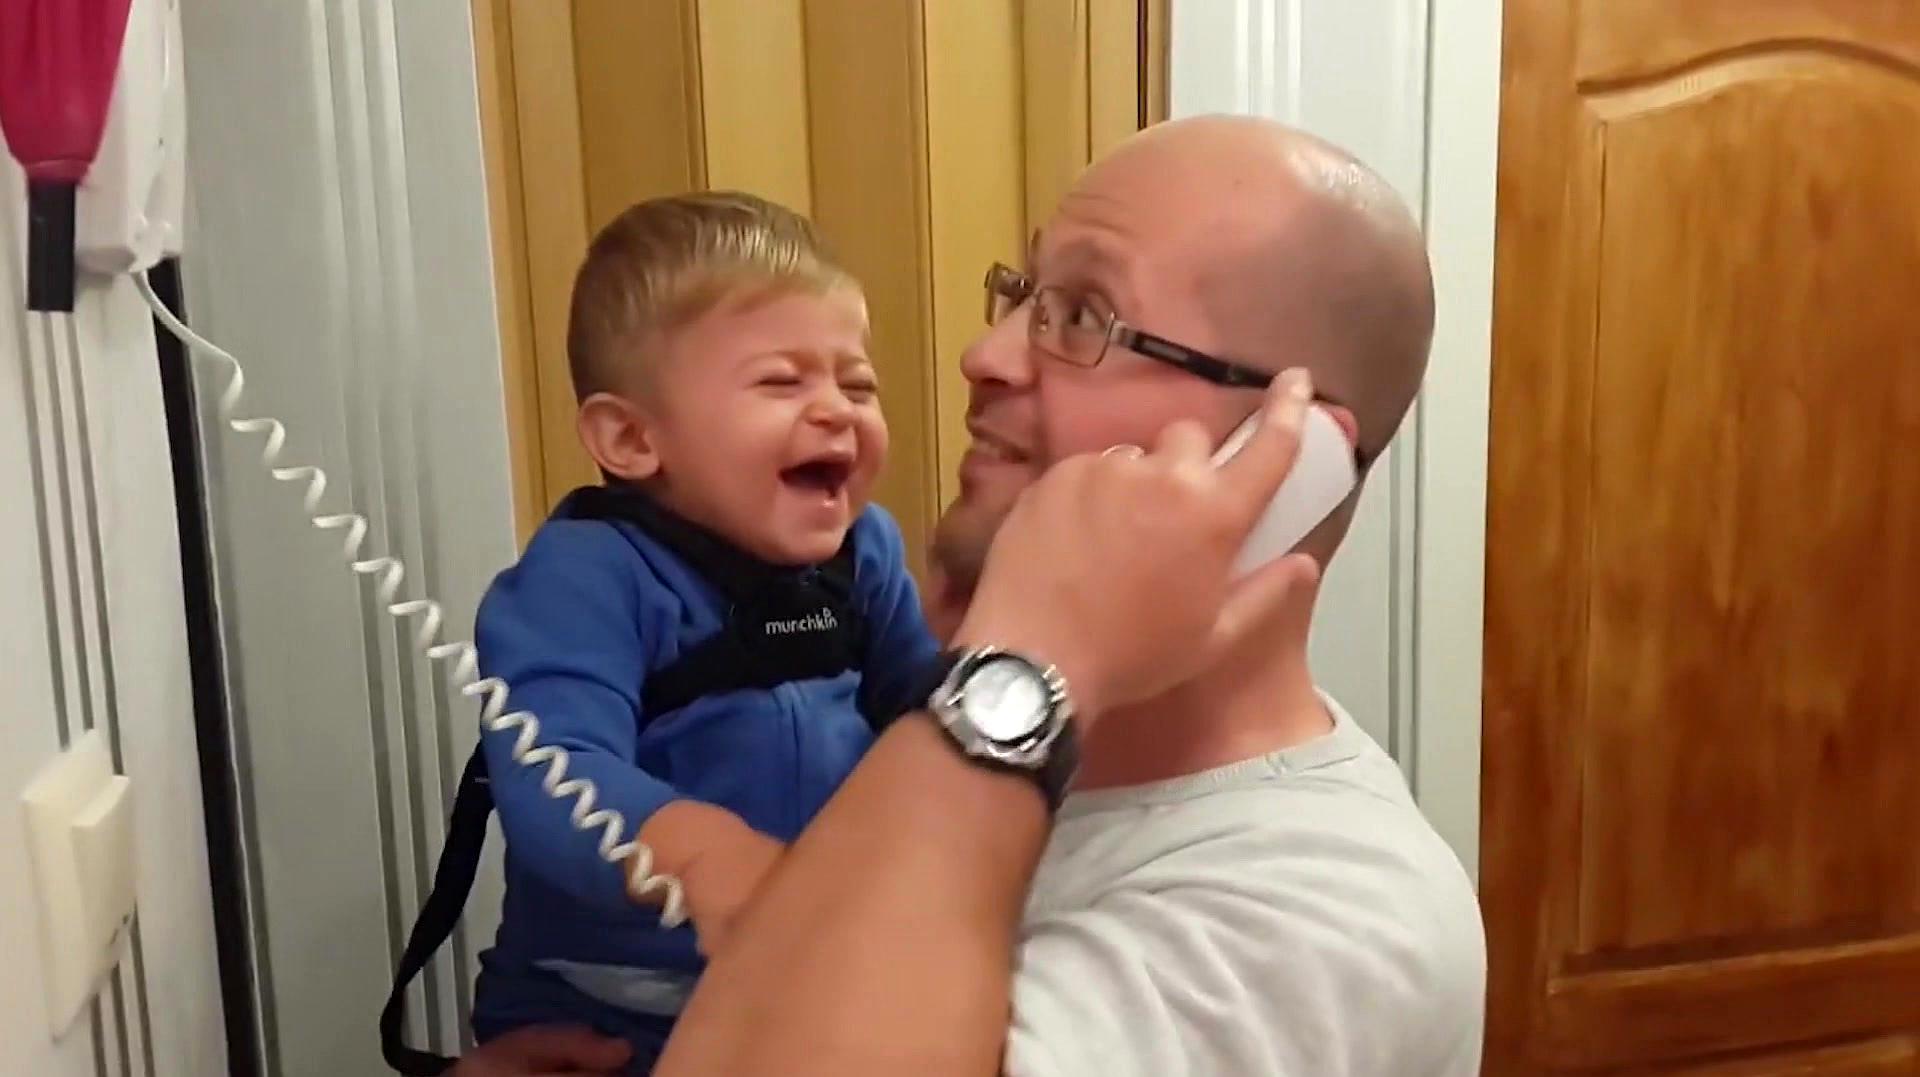 爸爸一打电话宝宝就笑,一放电话就停,接下来的画面,宝宝萌翻了